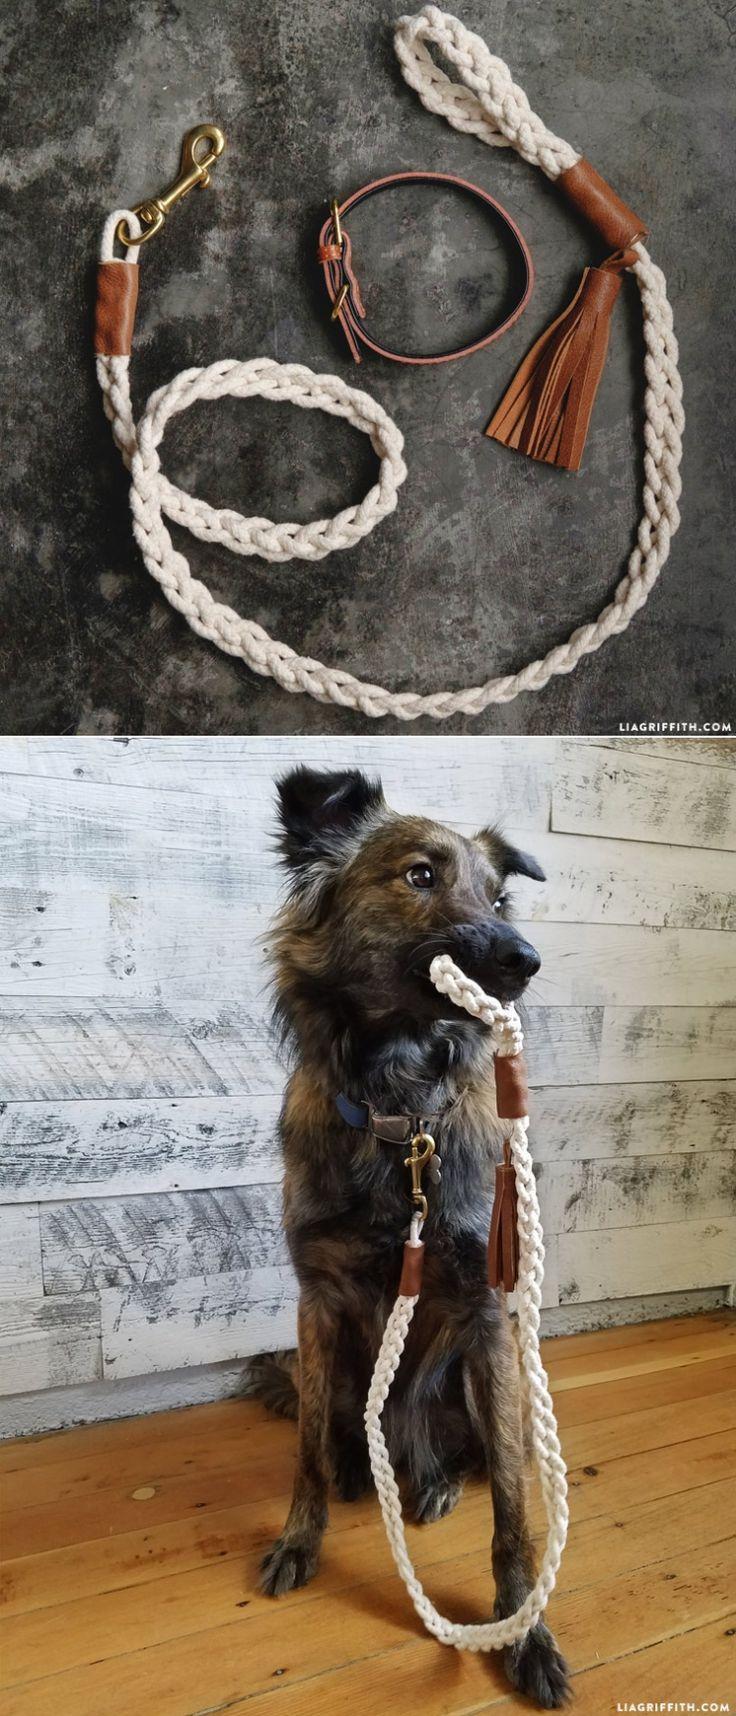 DIY #DogLeash tutorial at www.LiaGriffith.com